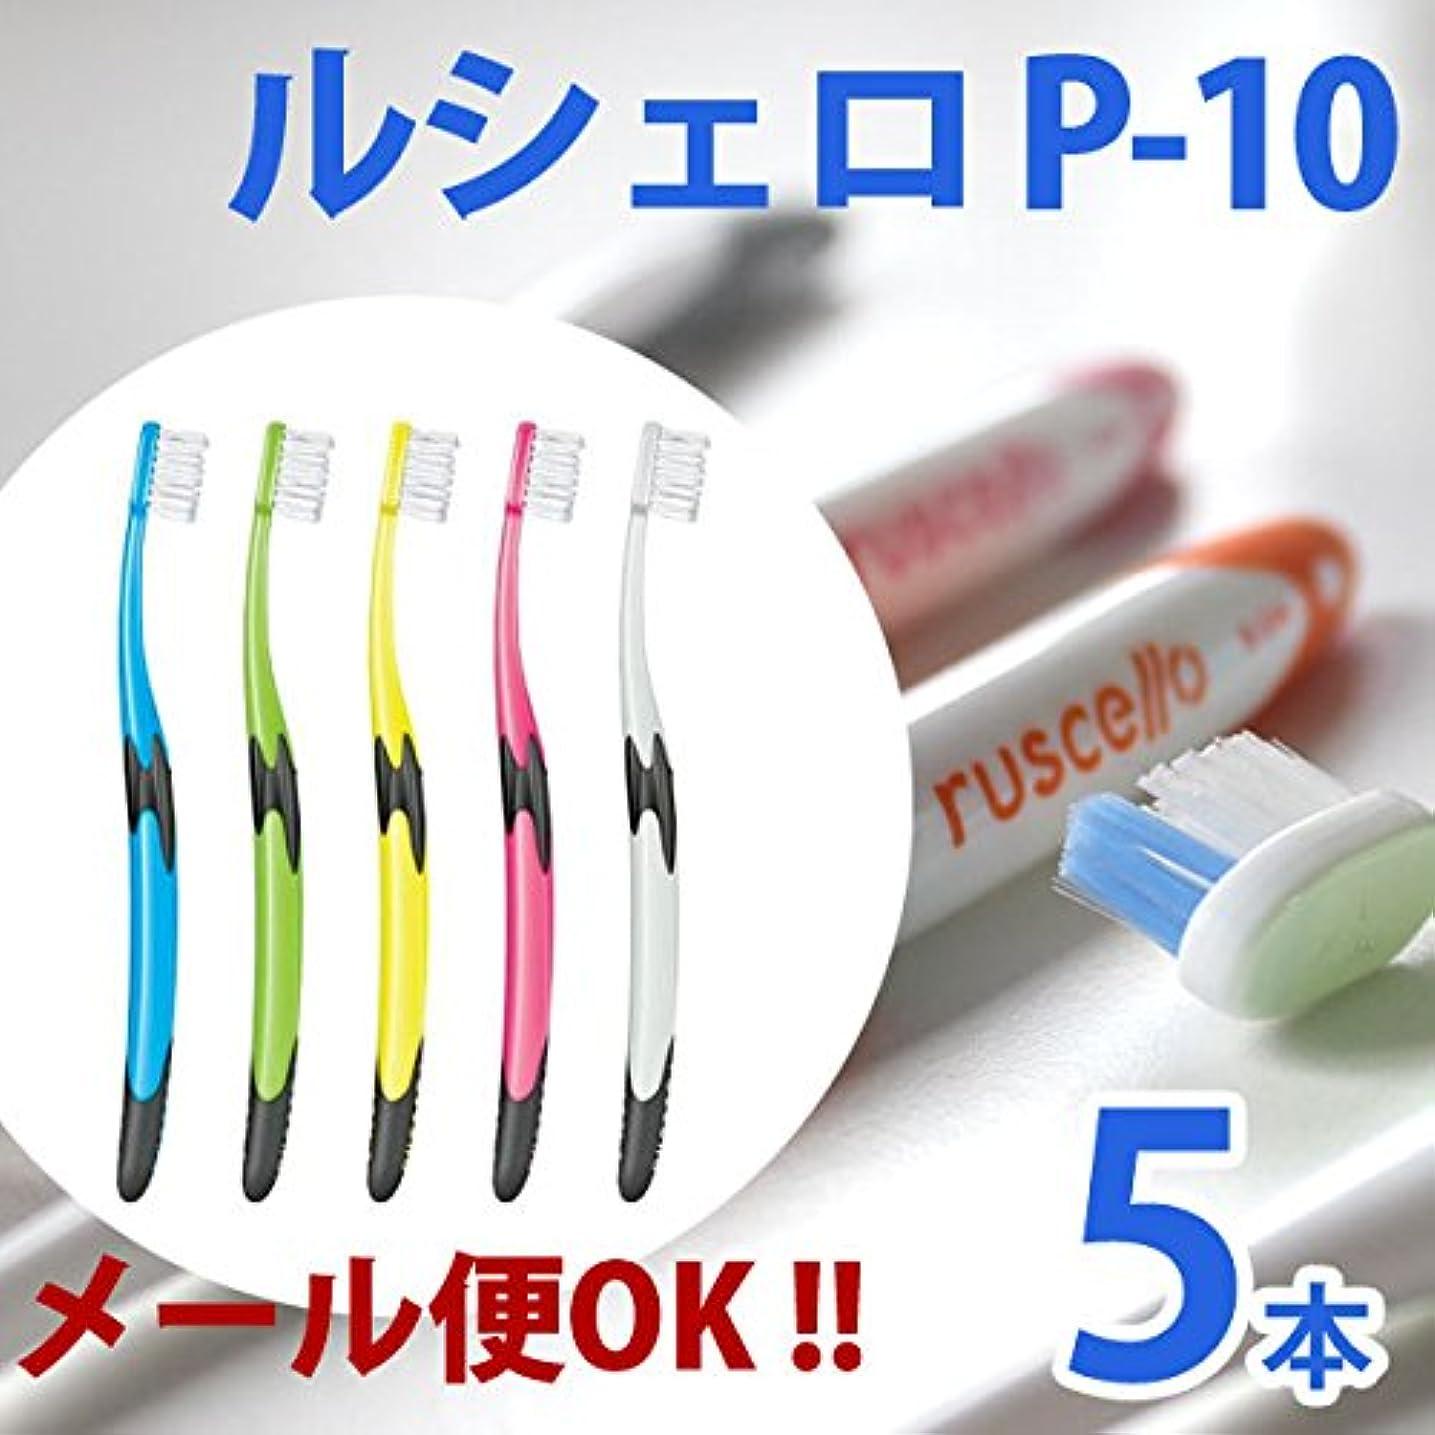 内なる競争力のある奪うルシェロ GCシェロ 歯ブラシP-10 5色アソート 5本セット 歯周疾患の方向け。極細のテーパー毛が Sやわらかめ